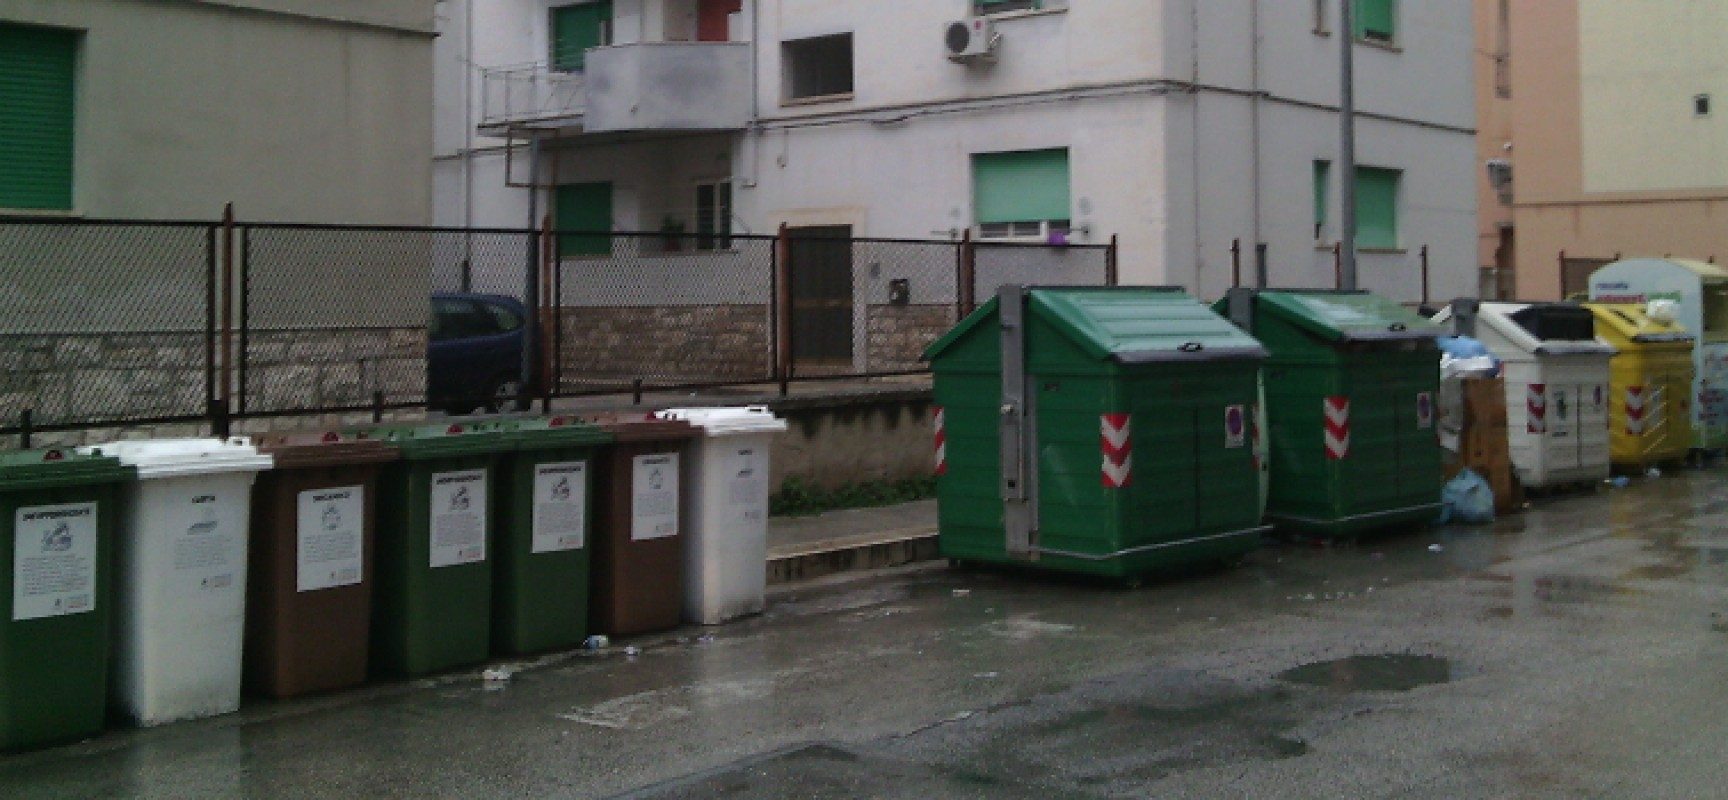 Domenica gazebo dei Cittadini a 5 Stelle su raccolta differenziata e aumento TARI